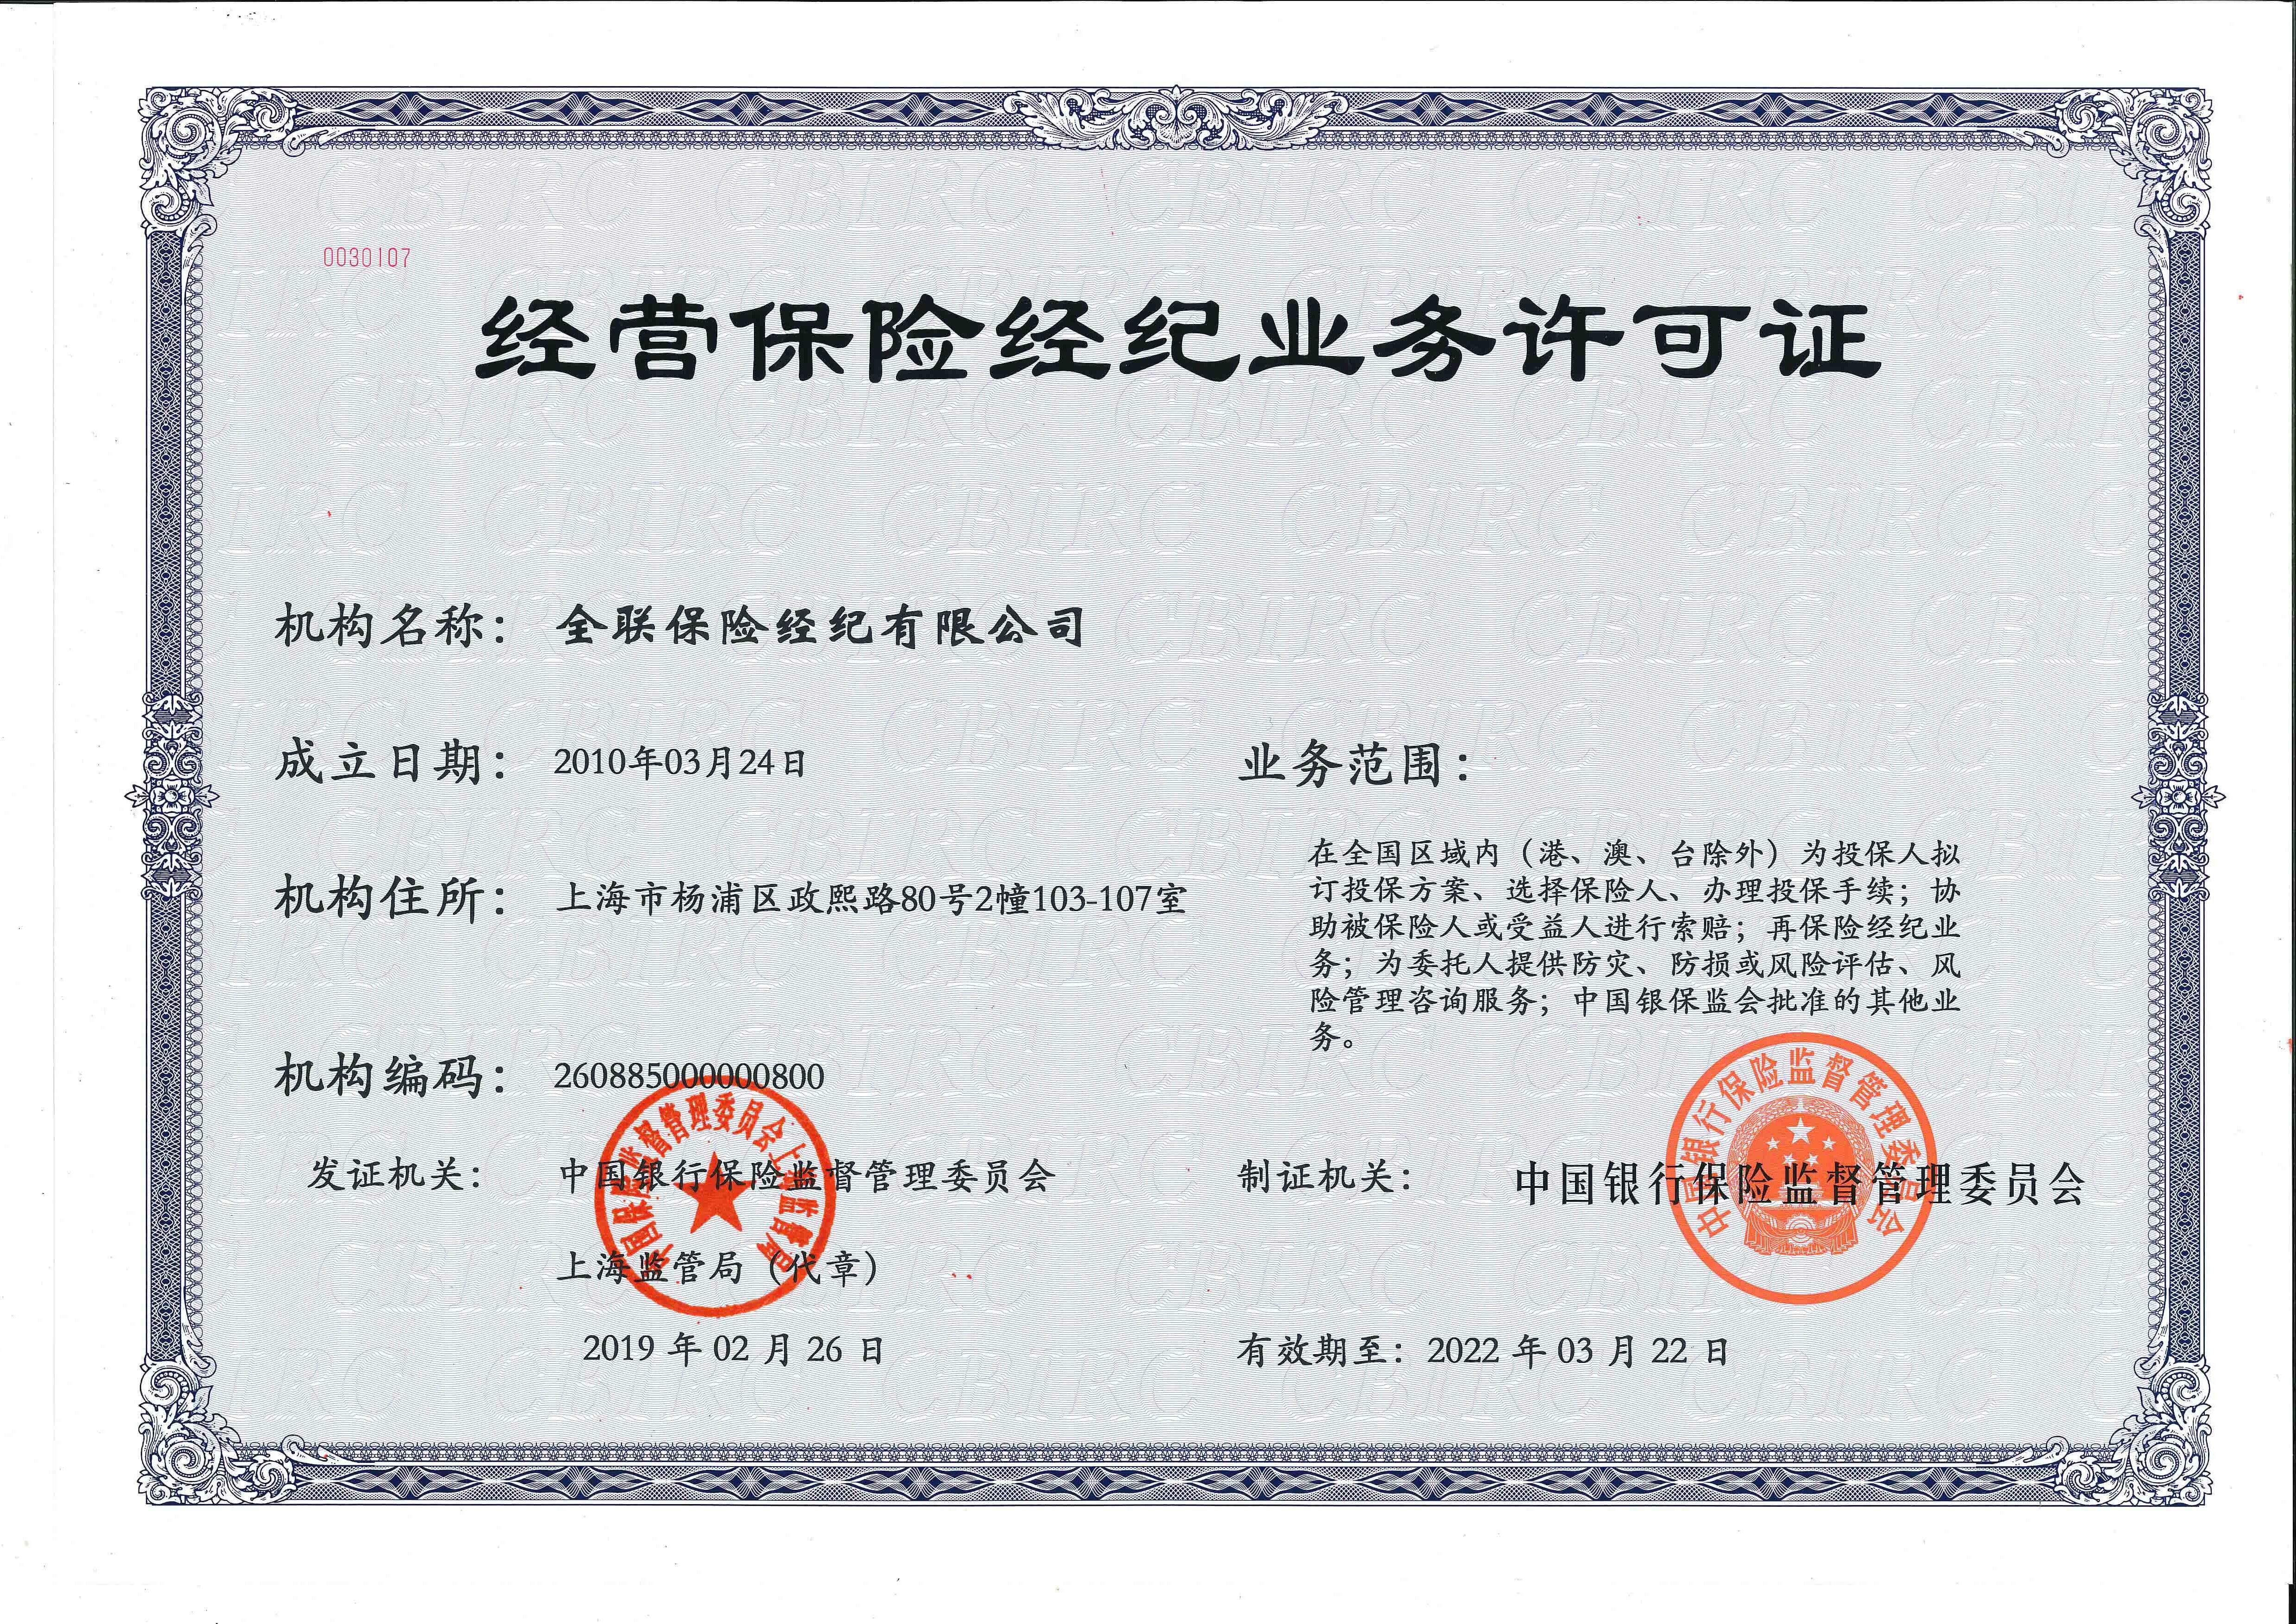 经营保险经纪业务许可证